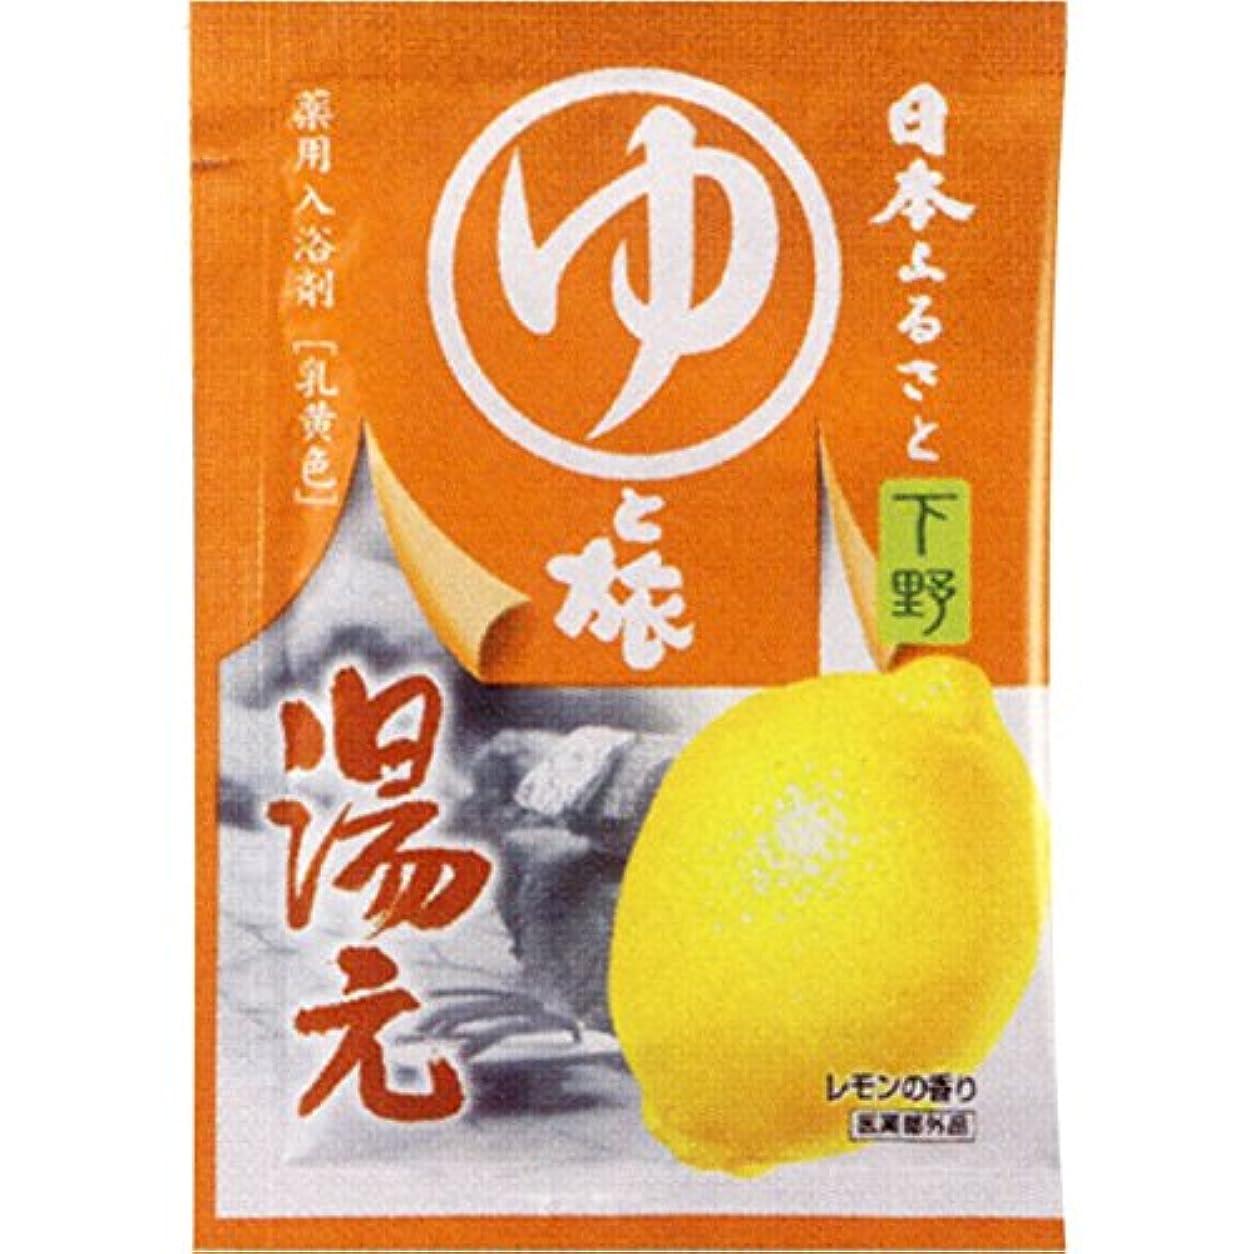 一印象汚れるヤマサキ 日本ふるさとゆと旅 湯元 30g (医薬部外品)